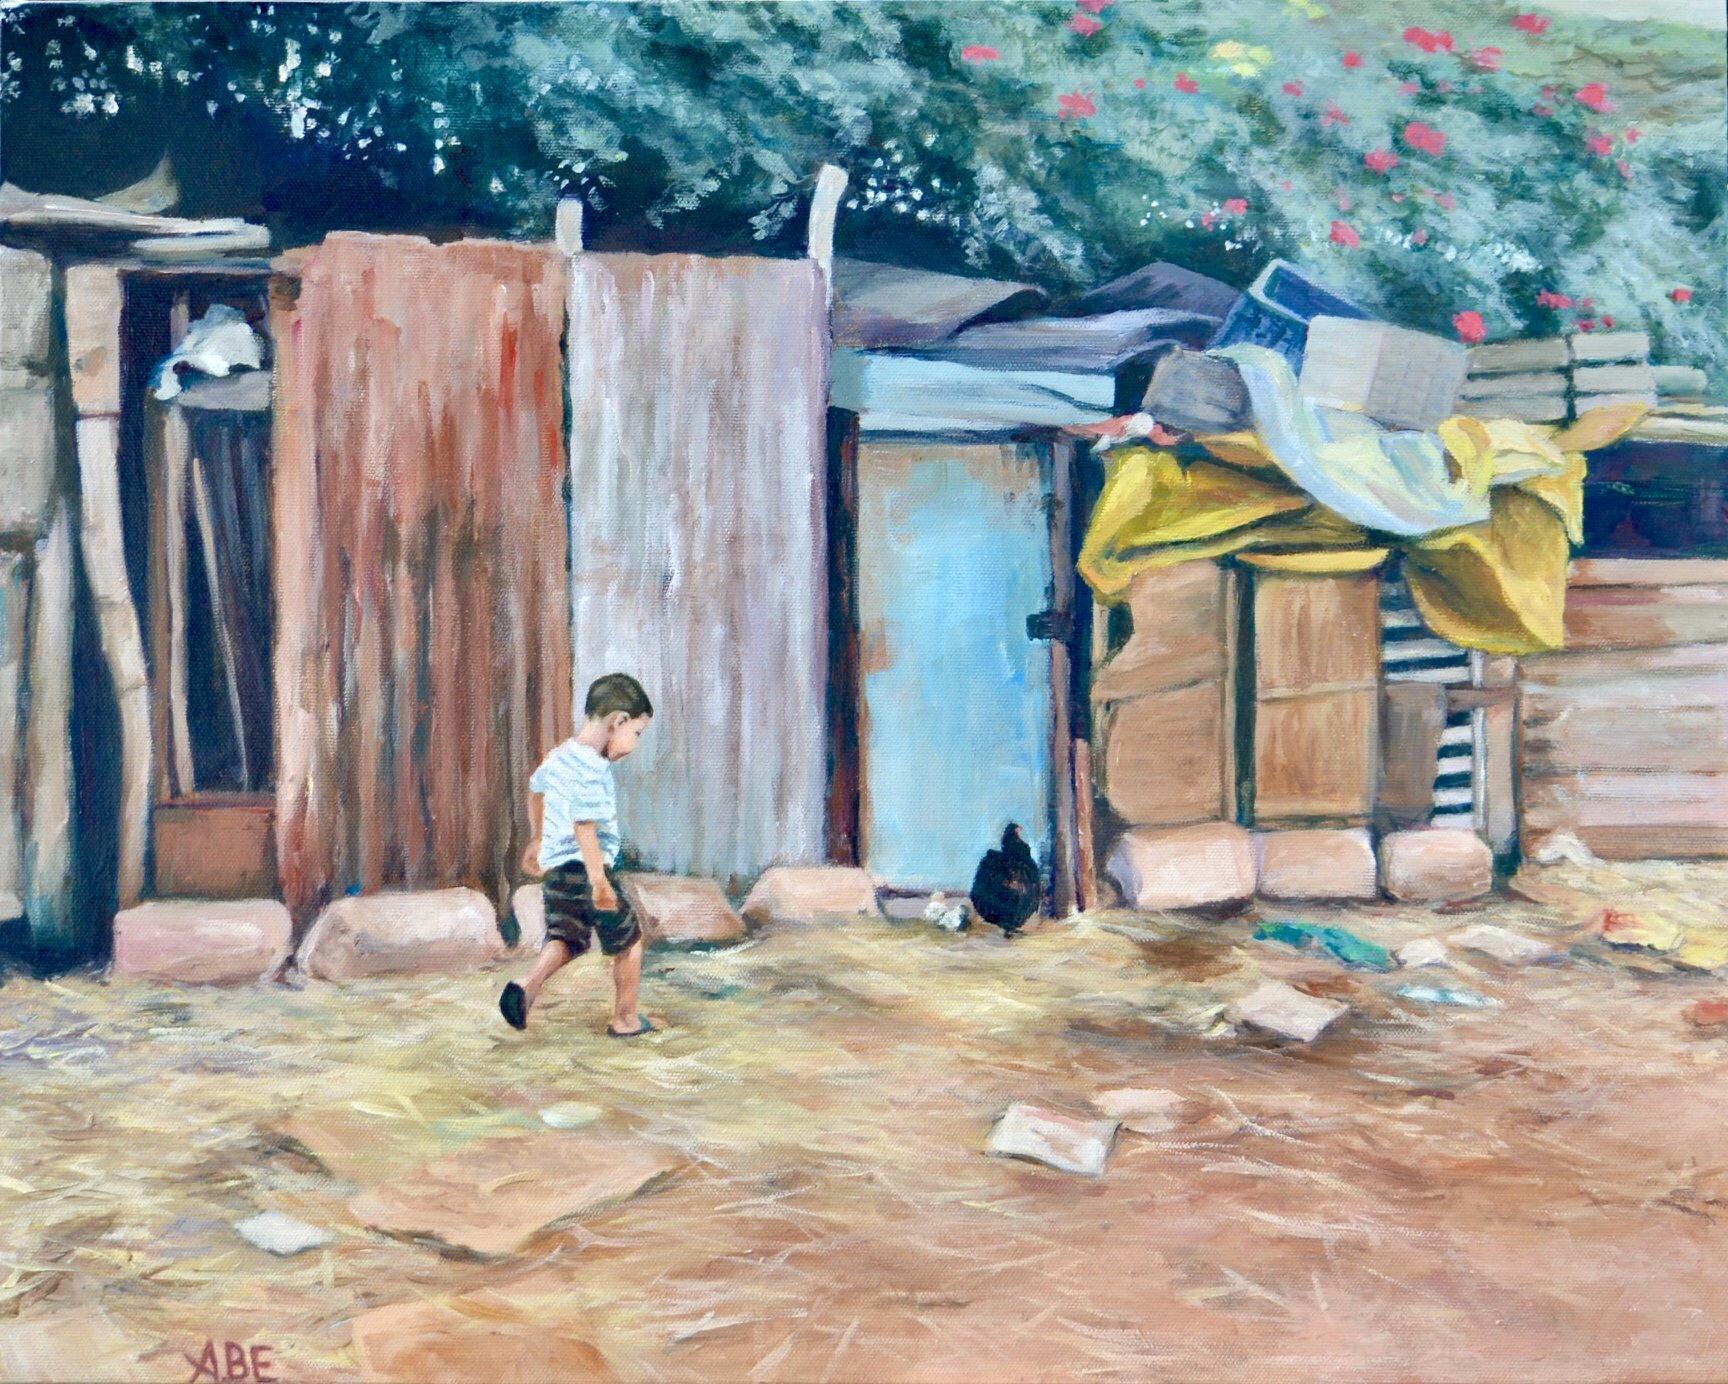 Urban Farm I - Morocco